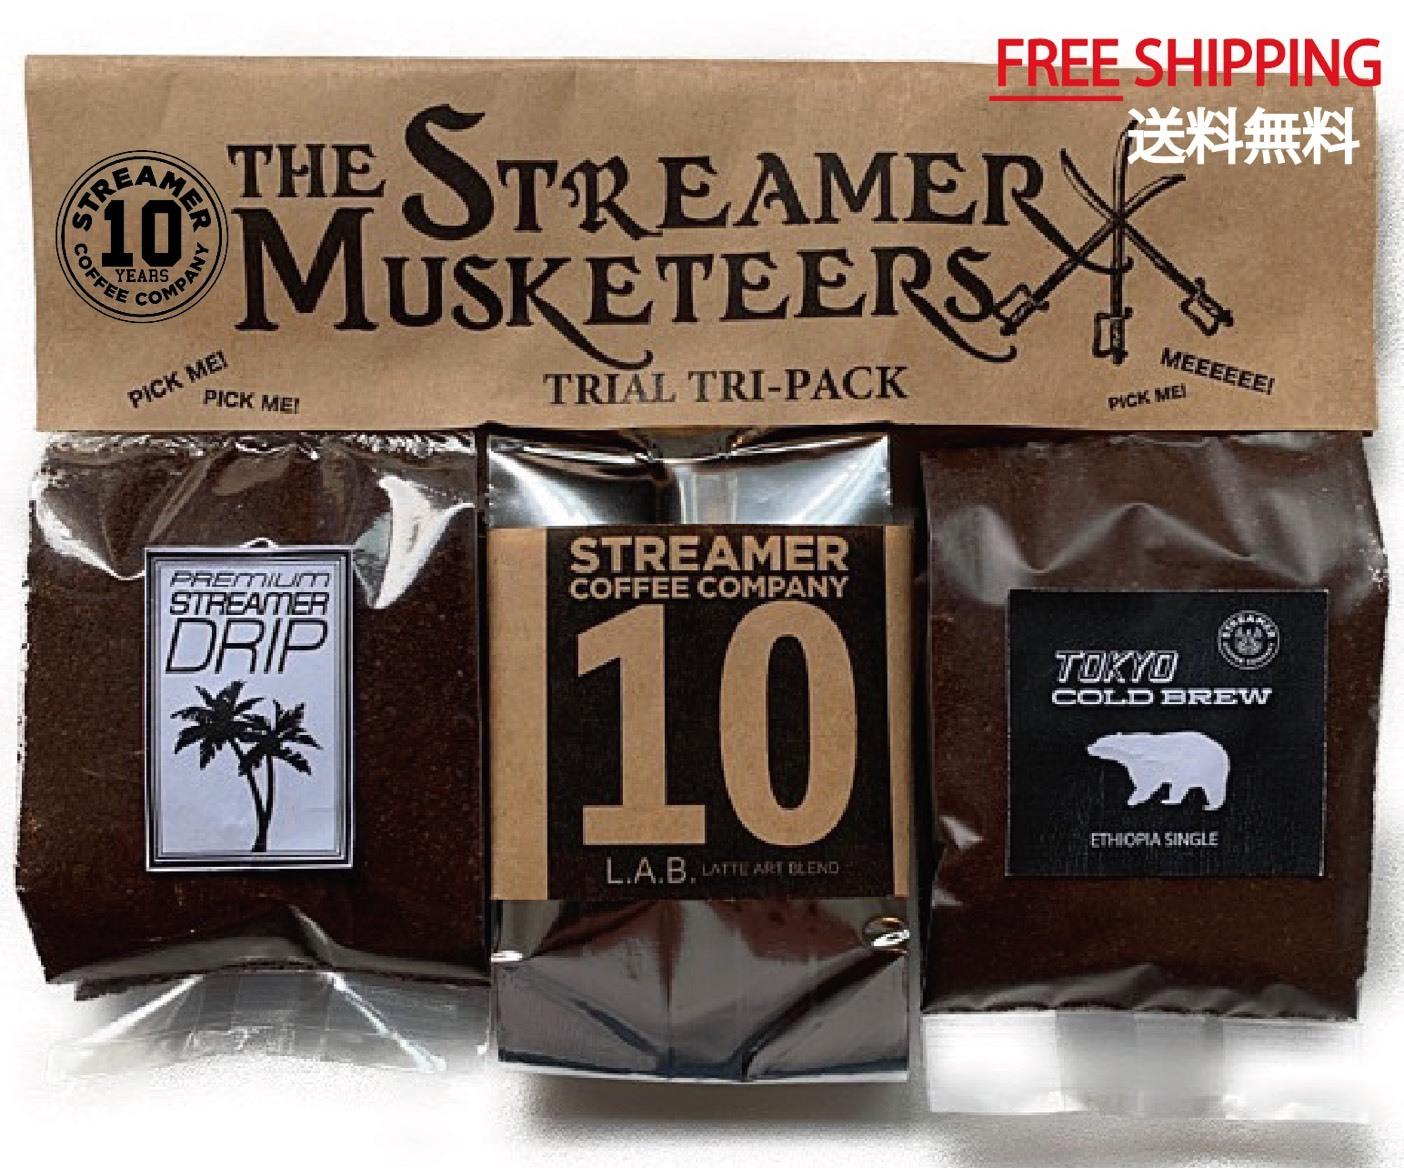 【送料無料】 コーヒー お試し3パック!! THE STREAMER MUSKETEERS 各30g ⚔ 挽いた豆